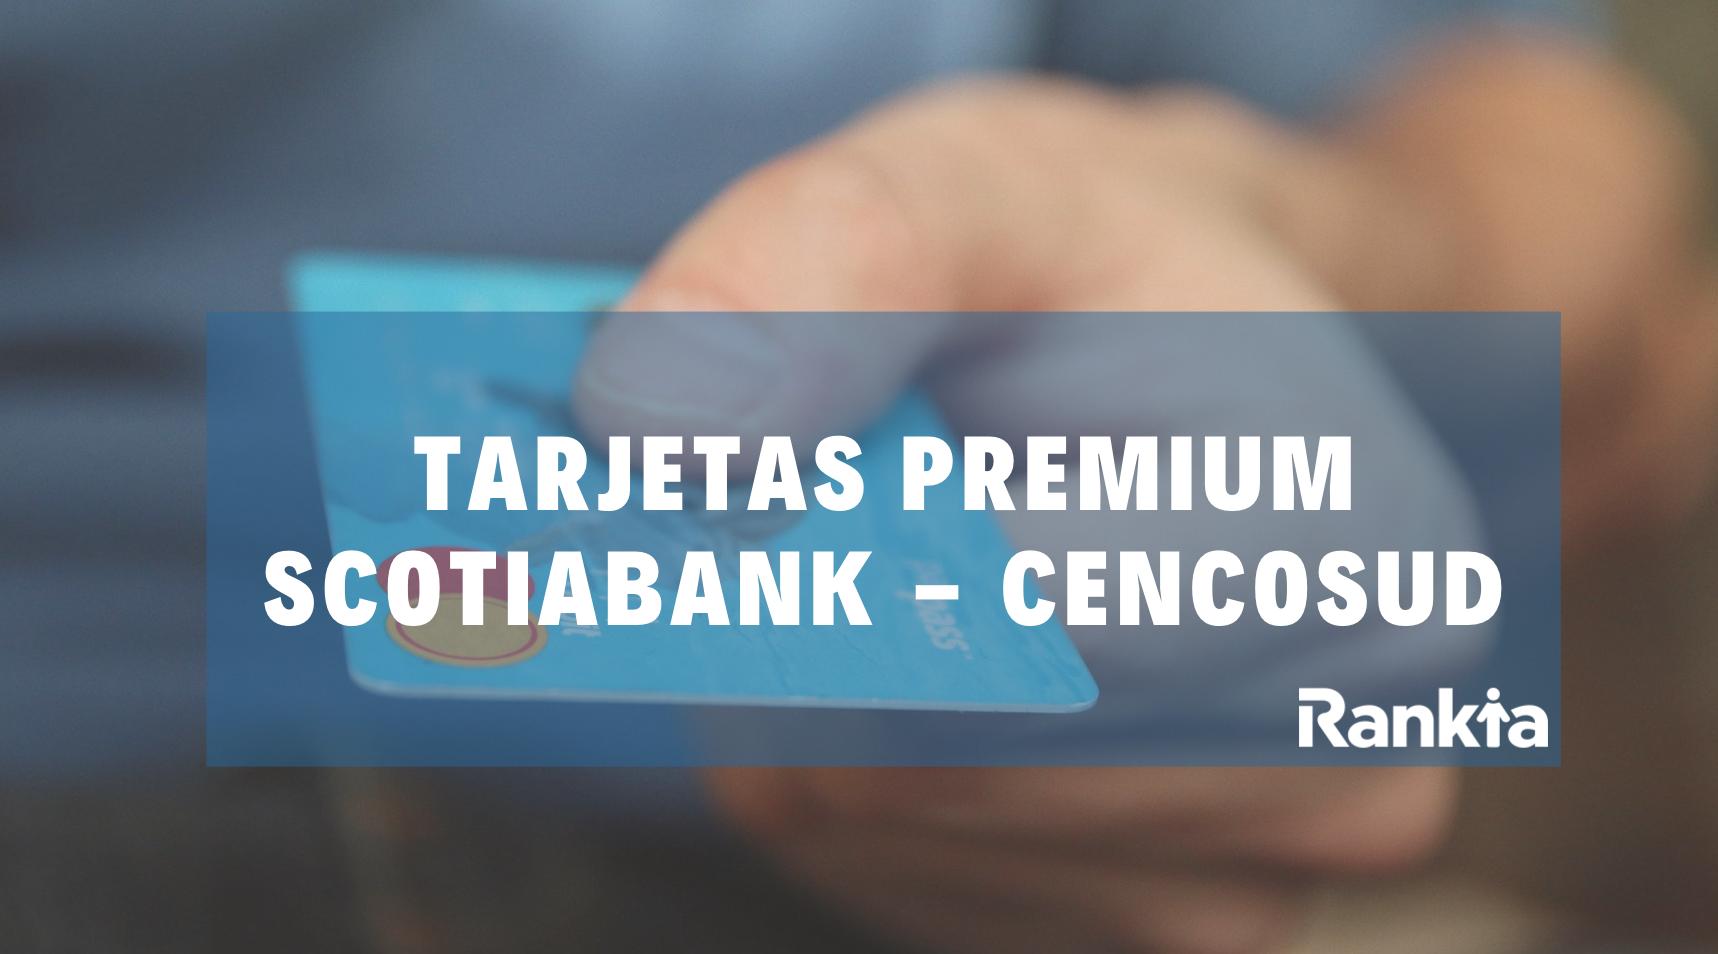 ¿Cómo funcionan las tarjetas Premium de Cencosud - Scotiabank?